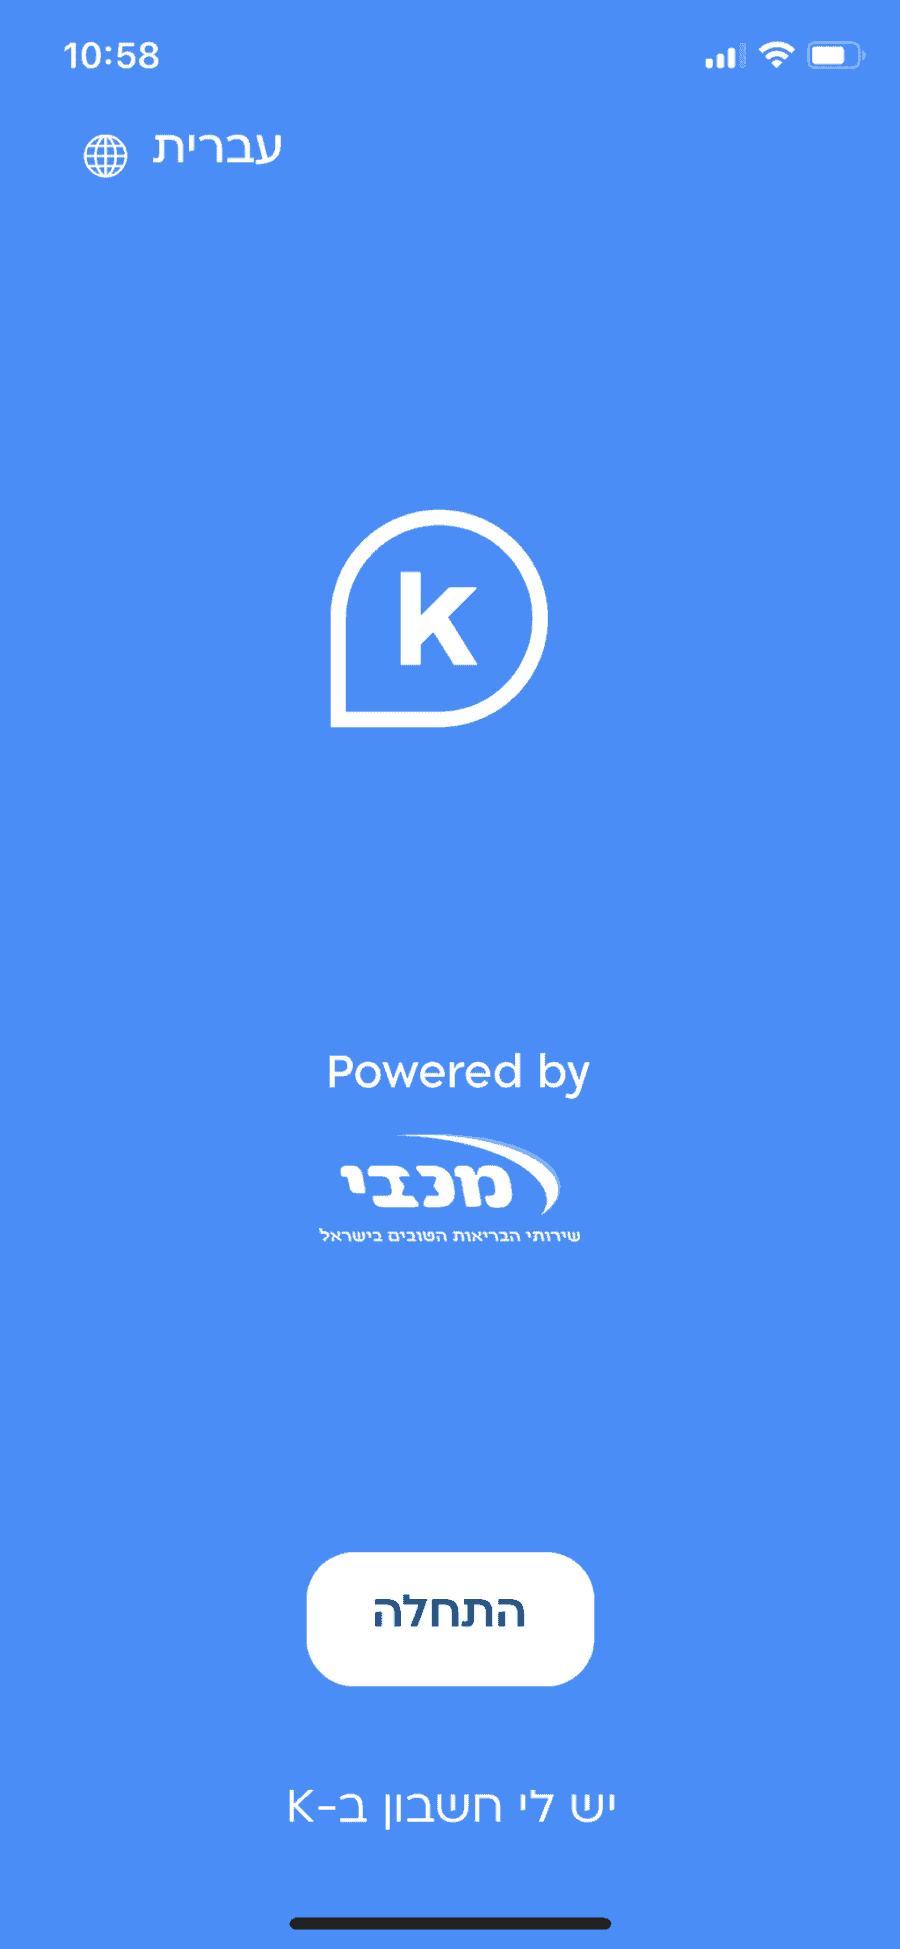 אפליקציית K – פיתוח טכנולוגי חדשני המאפשר דיאגנוסטיקה מדוייקת למגוון עצום של מצבים רפואיים